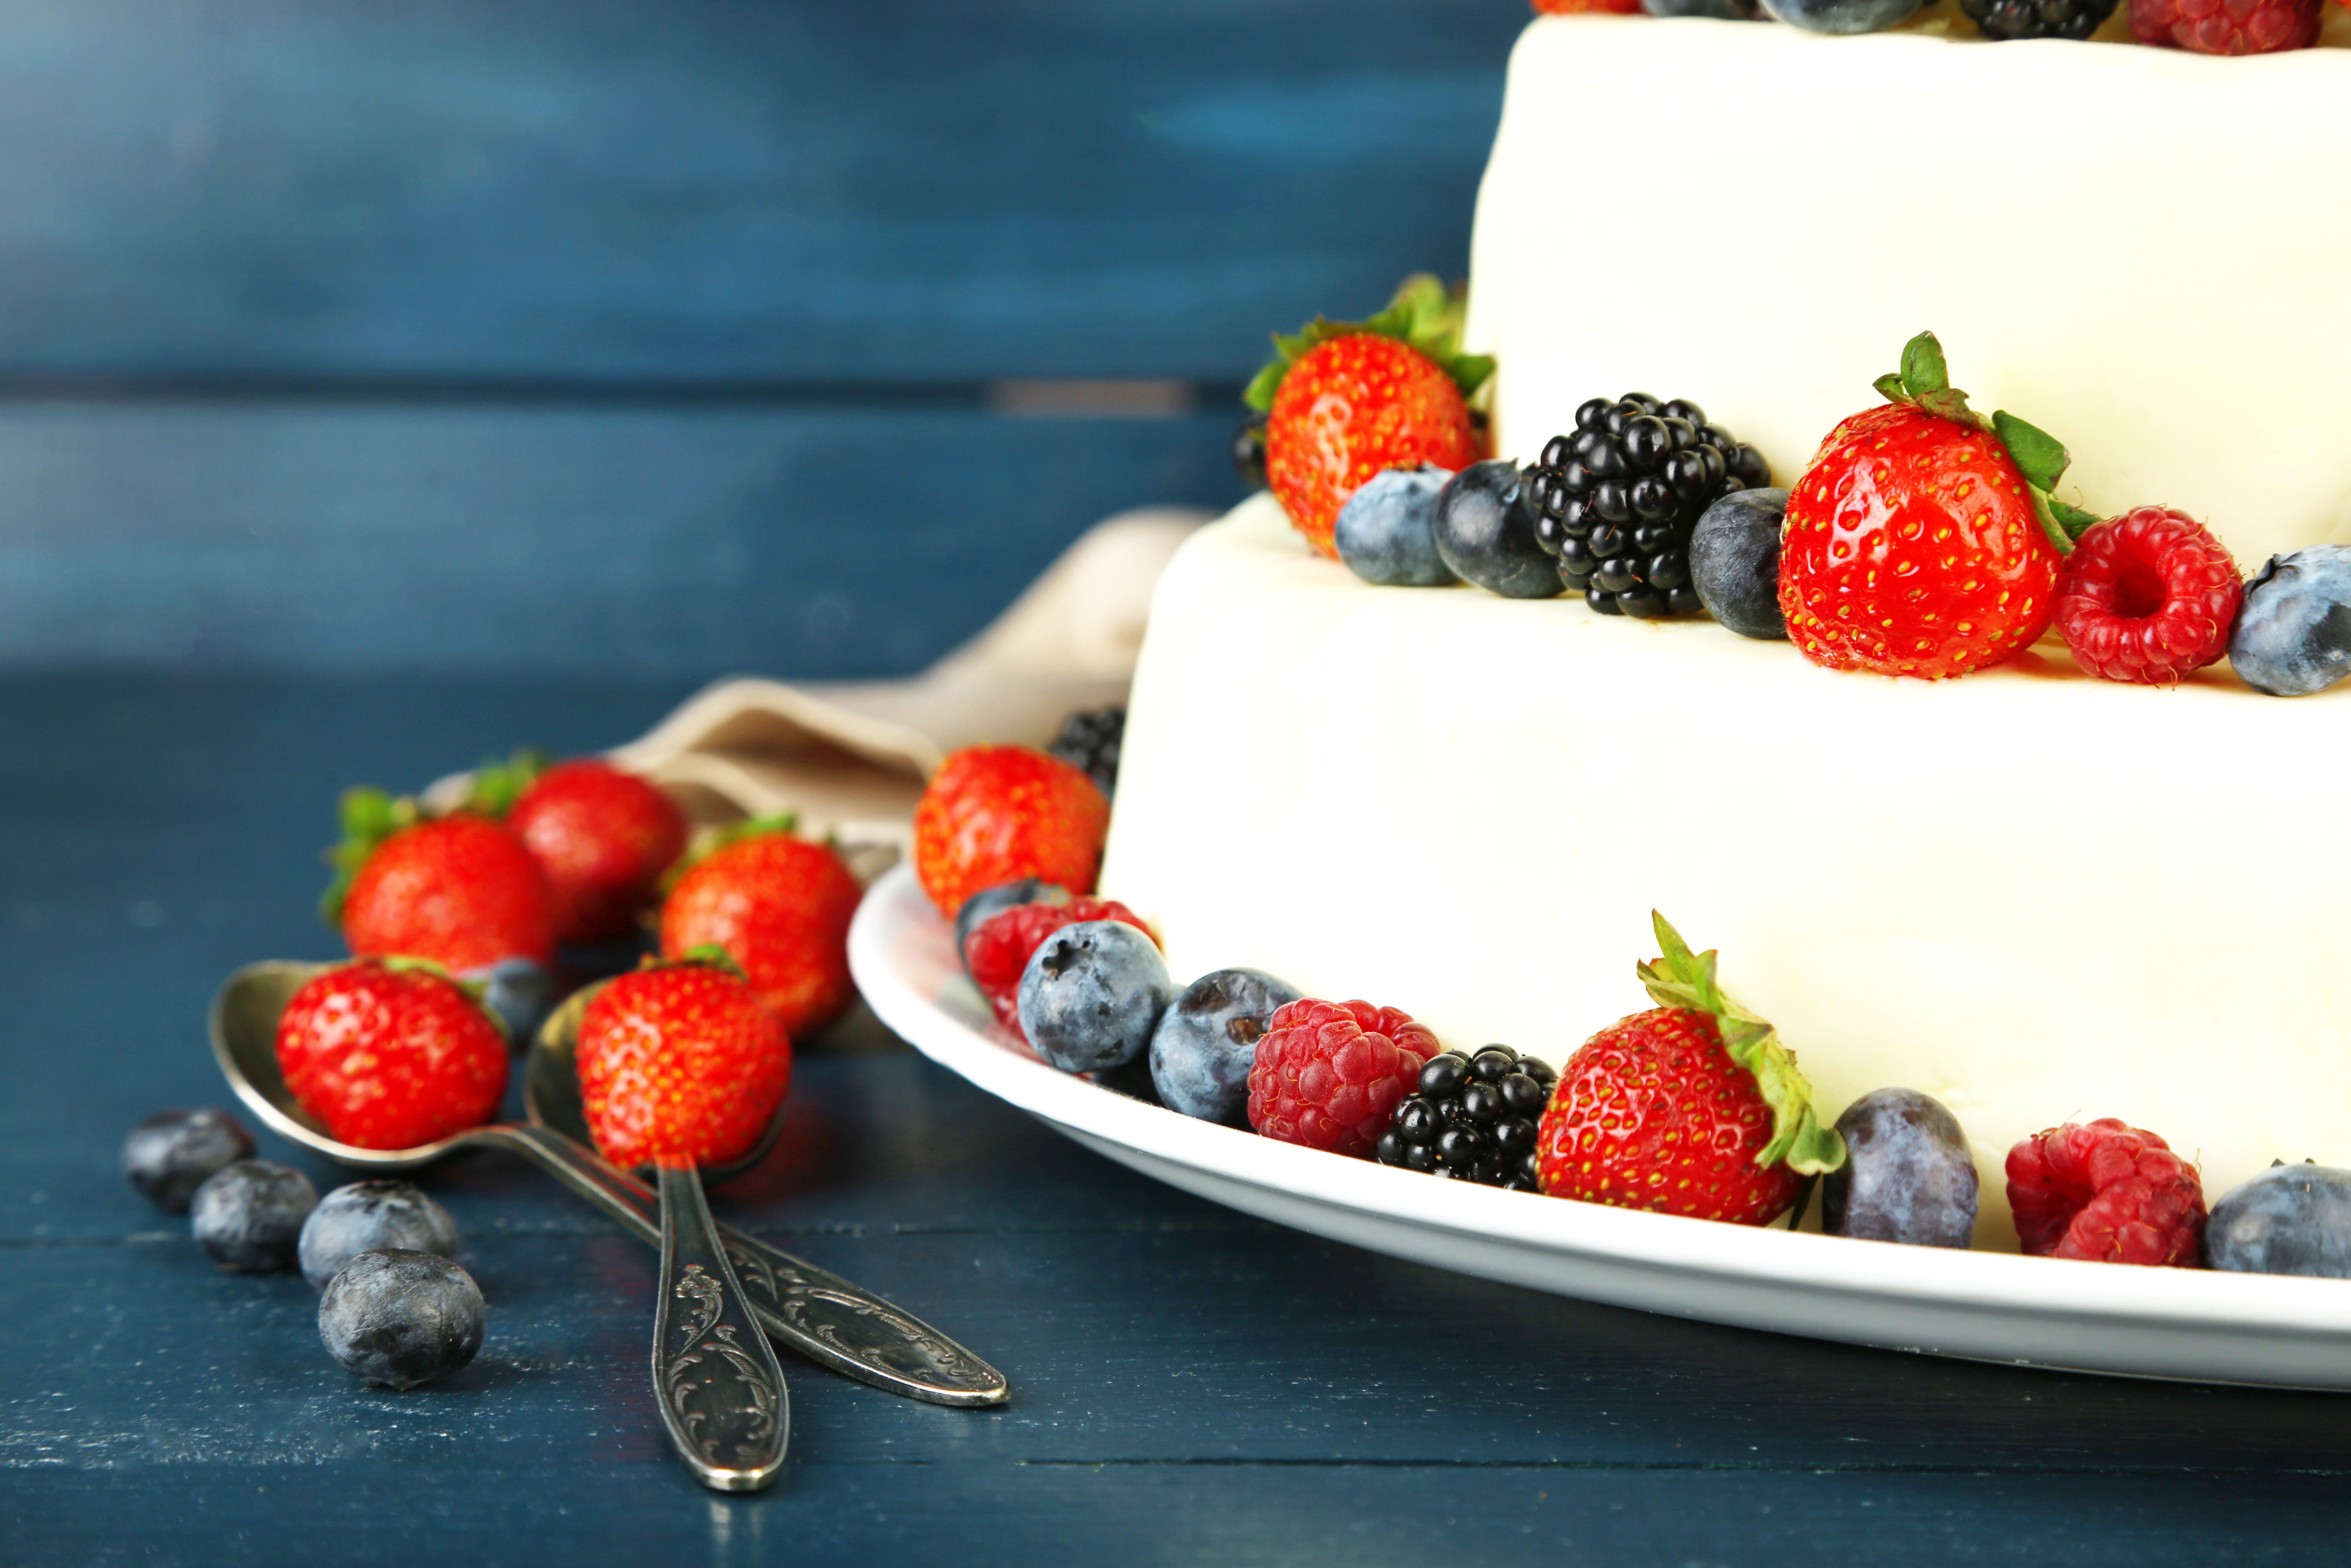 торт с фруктами бесплатно